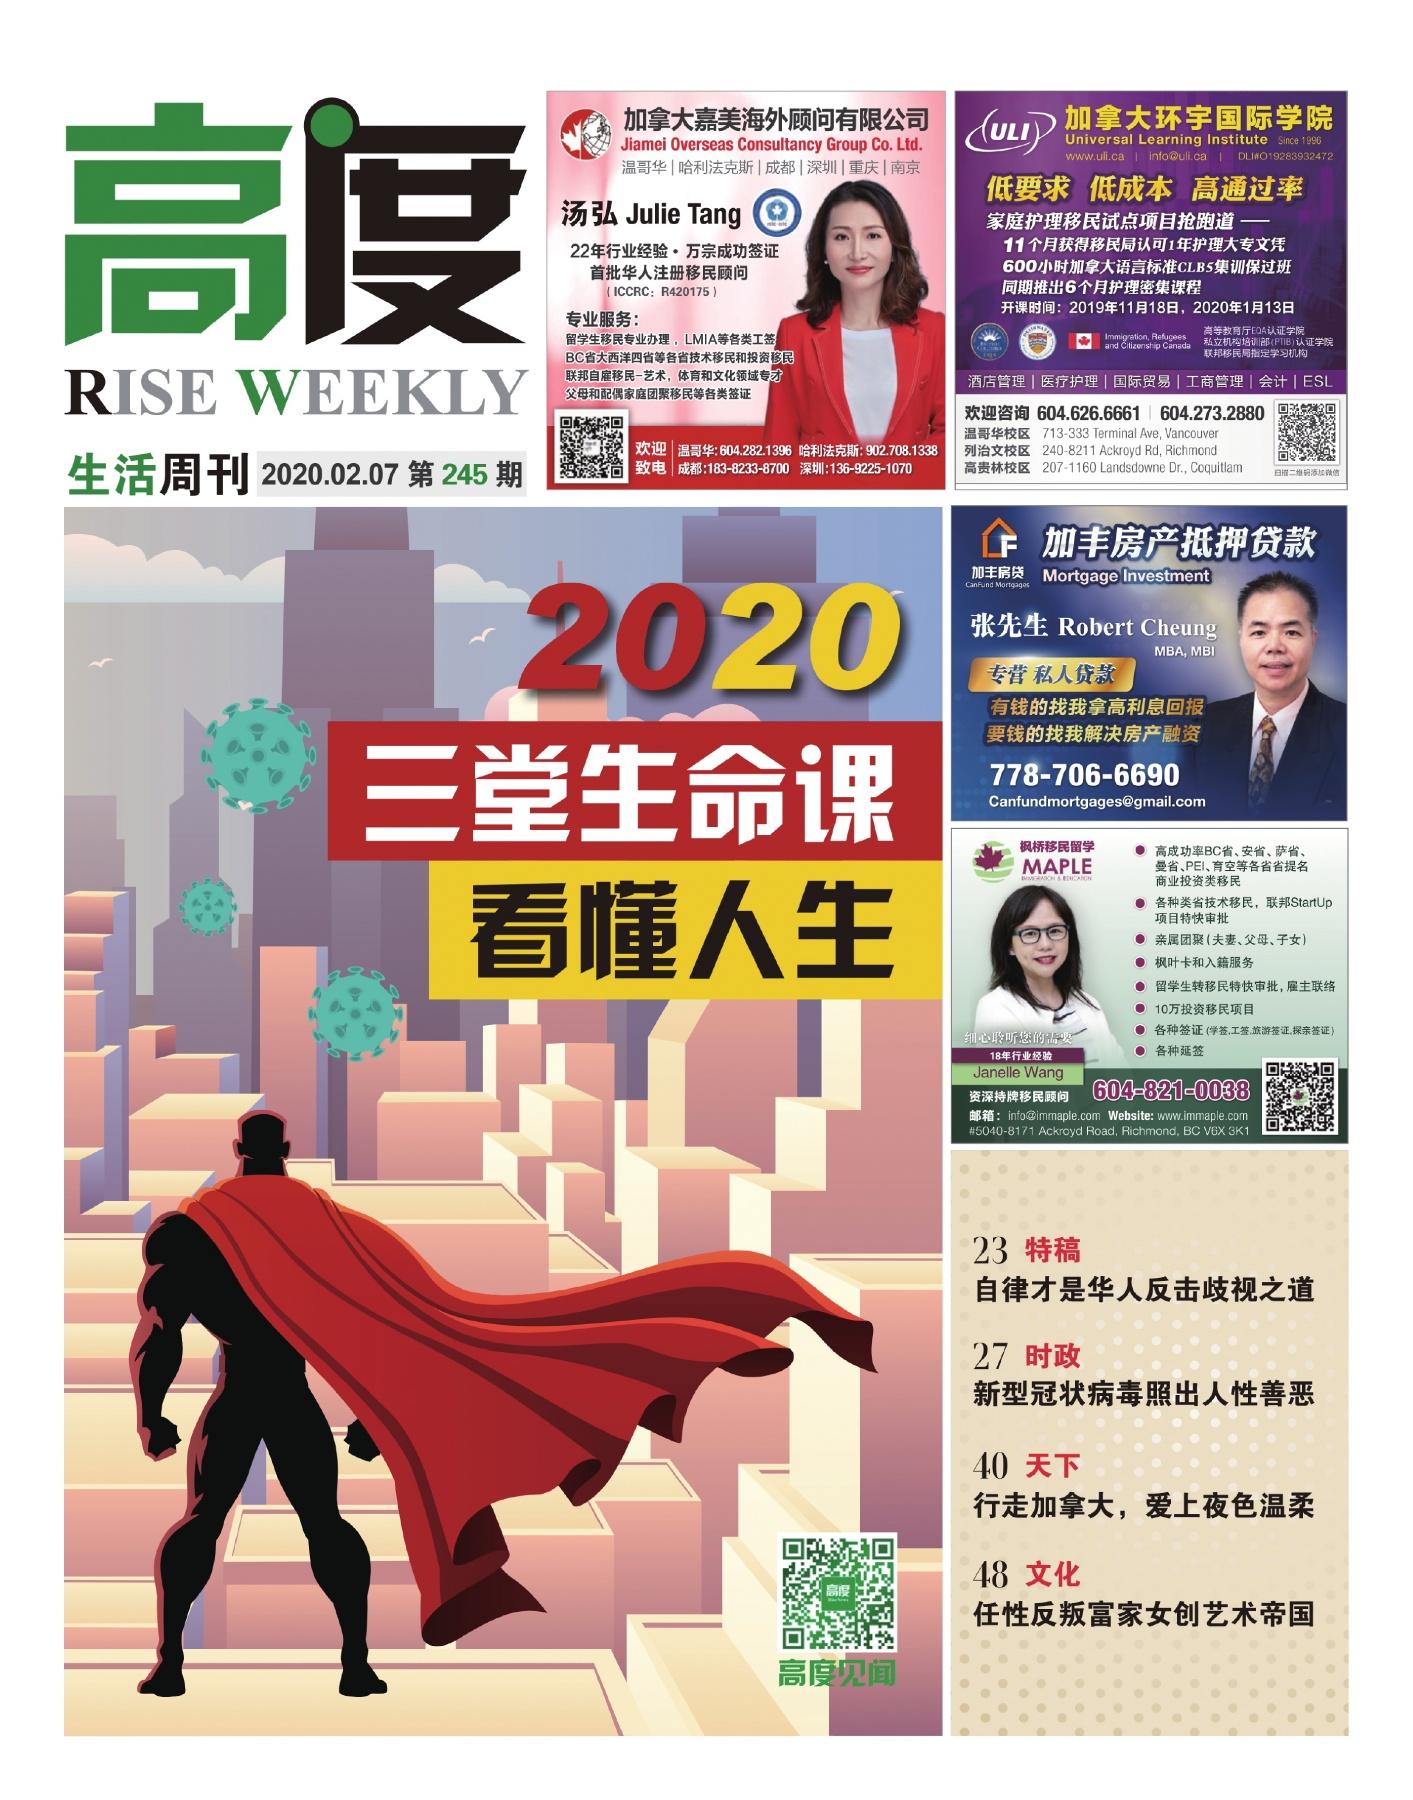 高度生活周刊 2020年02月07日 第245期